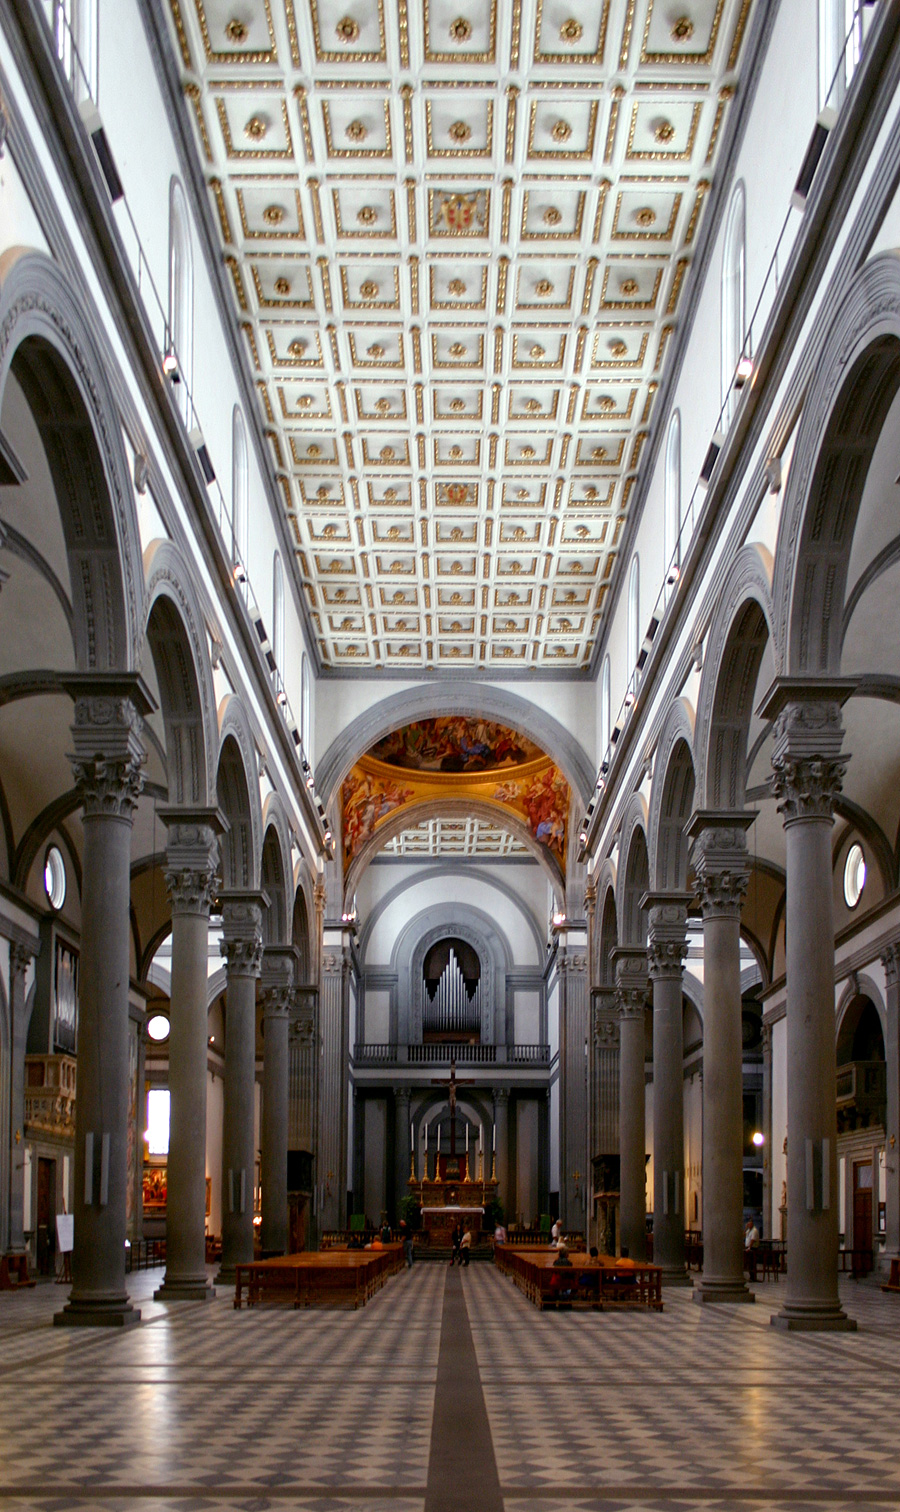 Pin De Paul Gourmel Rouger En Architecture Et Styles Renacimiento Arquitectura Arquitectura Renacentista Arquitectura Religiosa